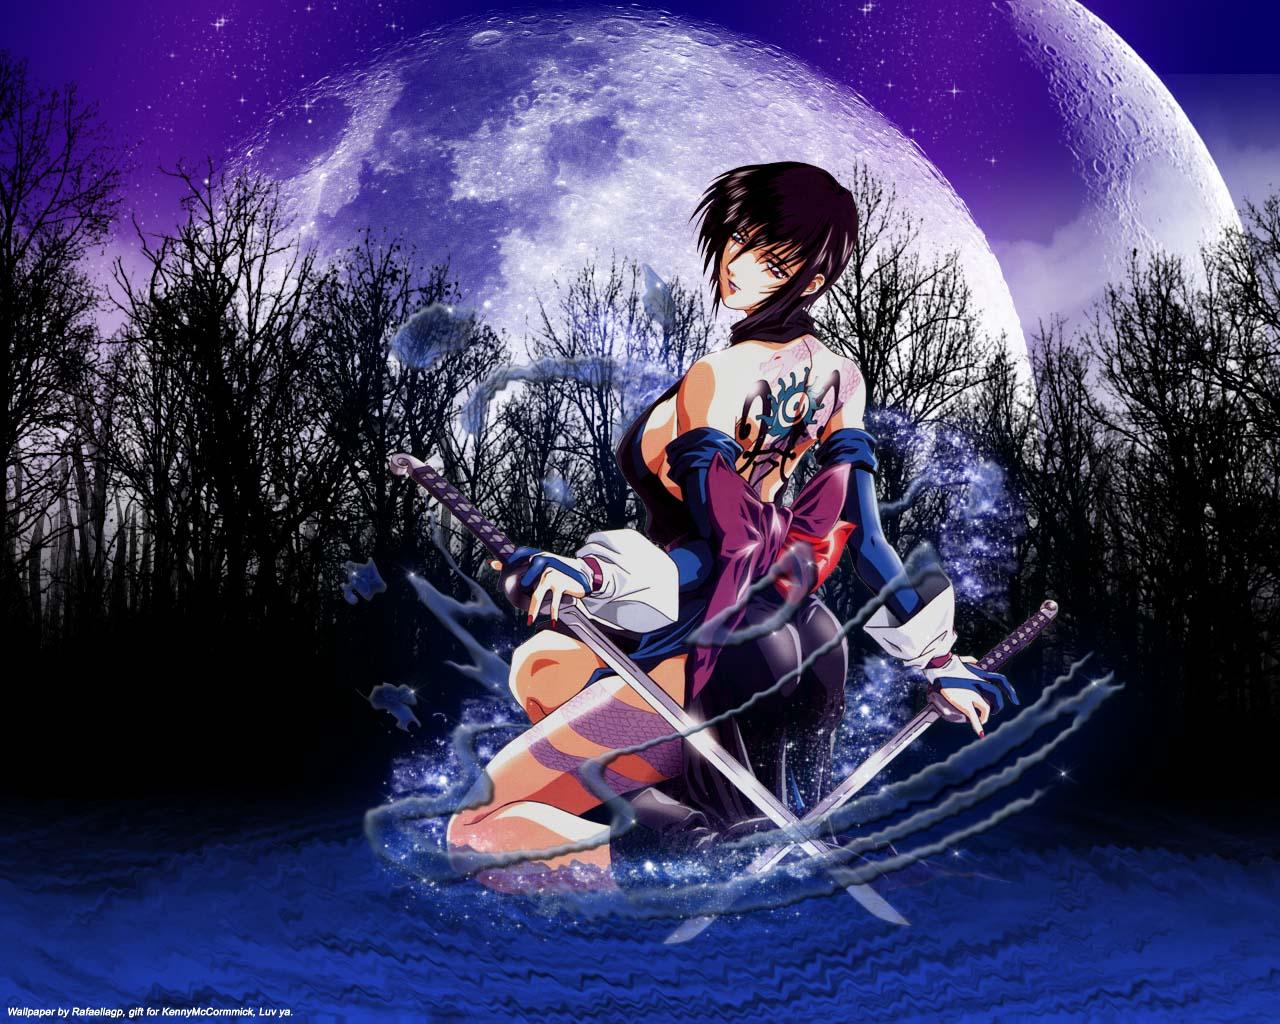 Ninja anime 043 imagez only - Ninja anime wallpaper ...